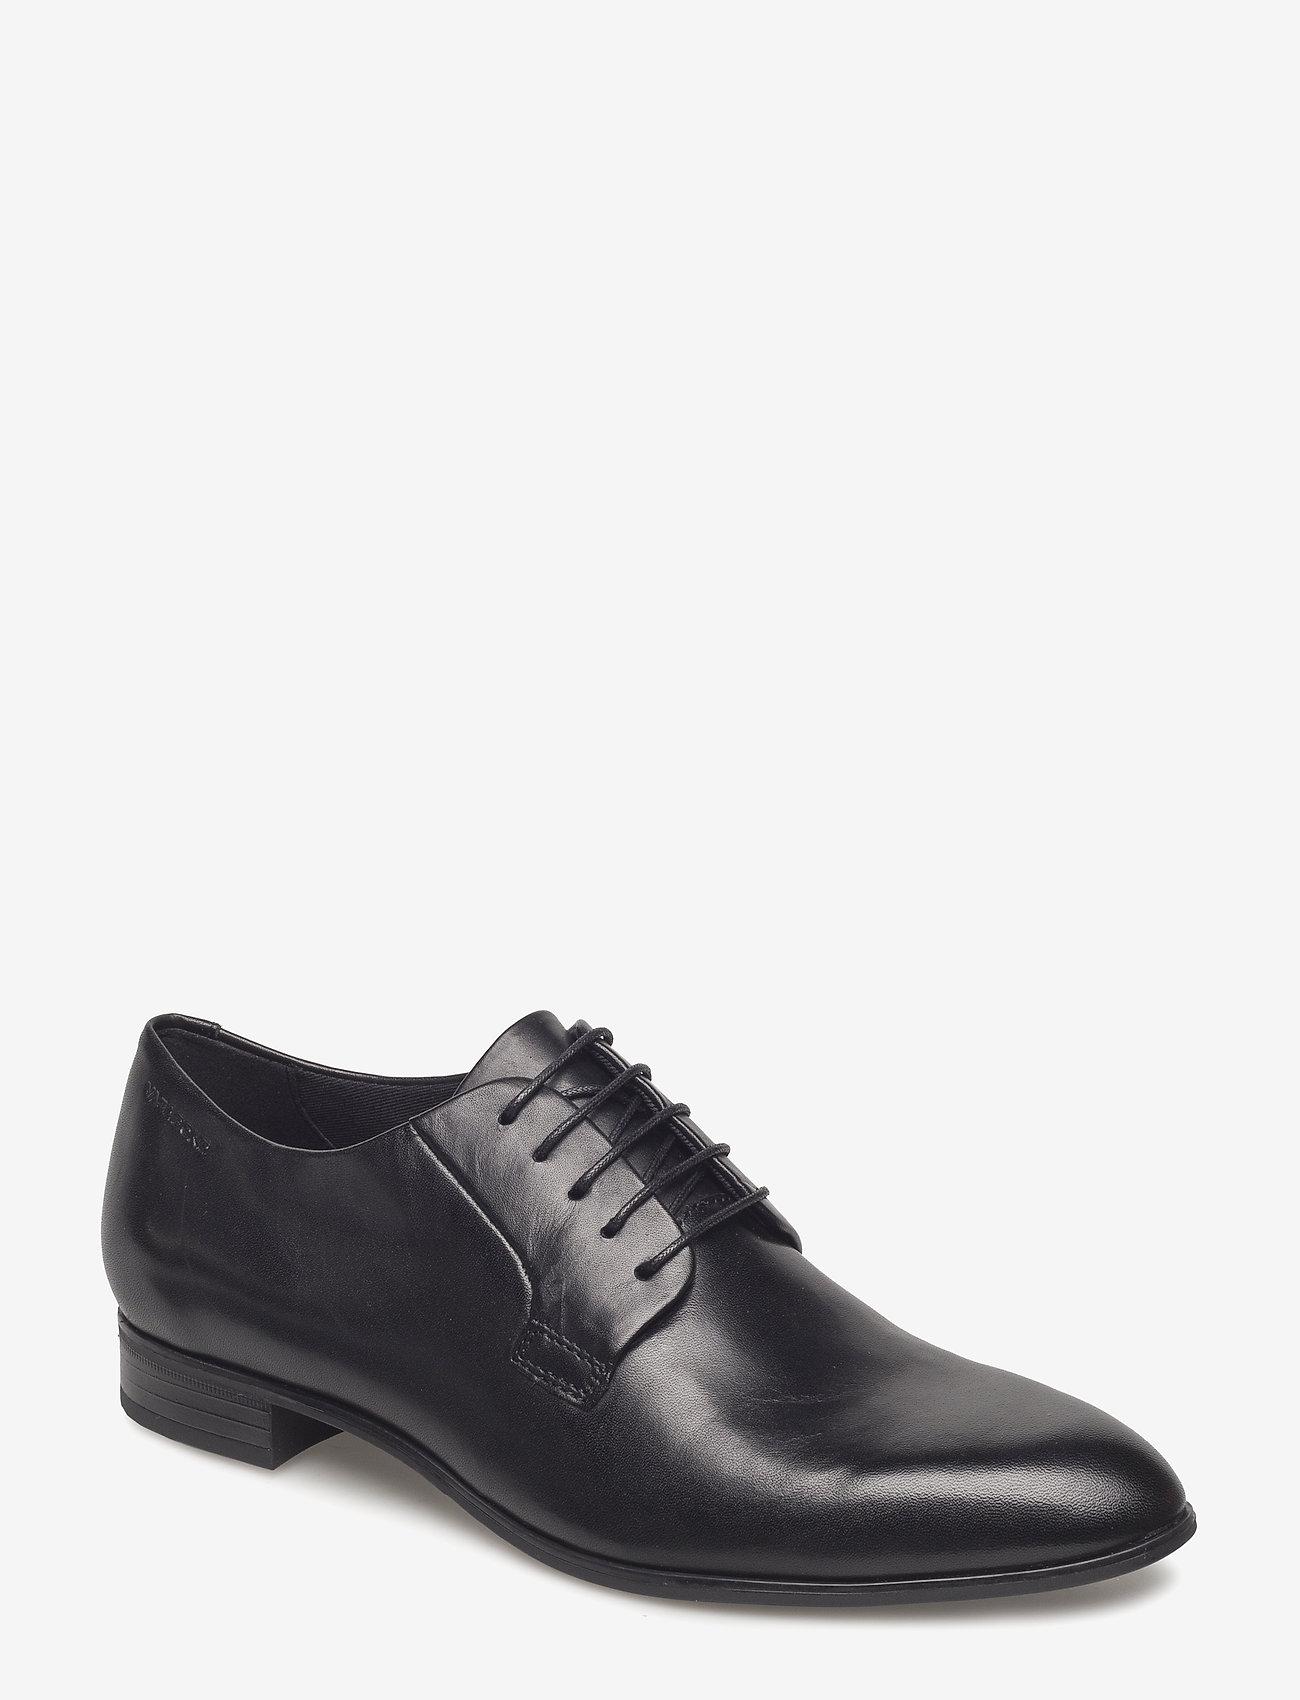 VAGABOND - FRANCES - buty sznurowane - black - 0